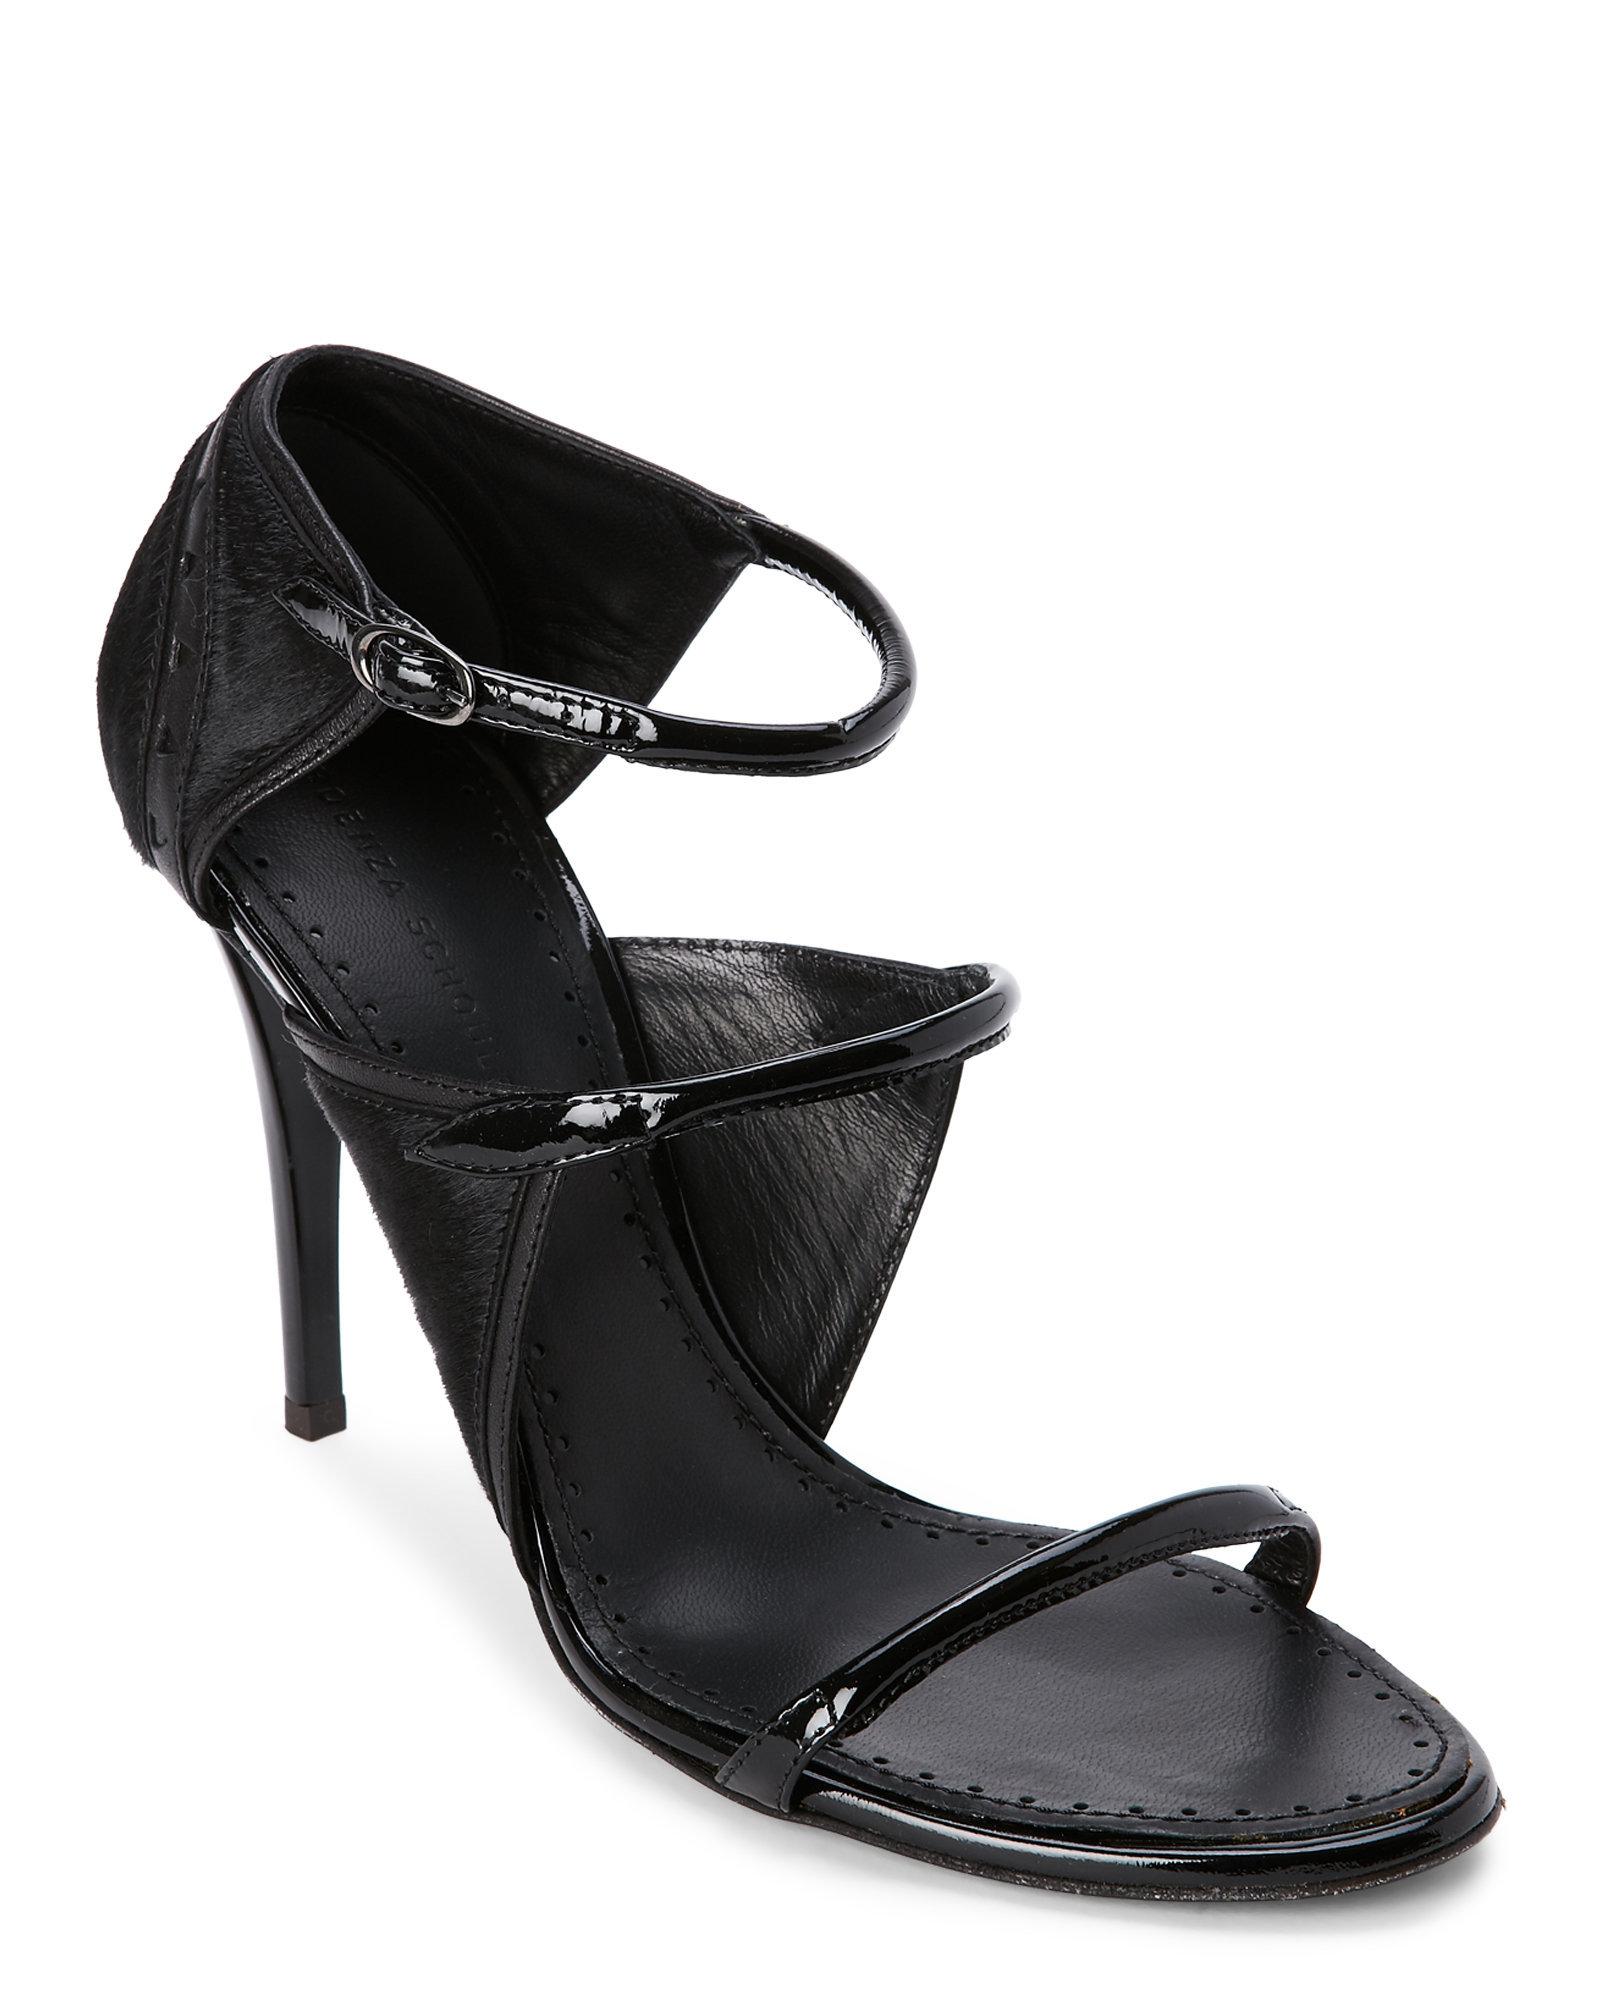 Aldo Women Shoes Black Lacquered